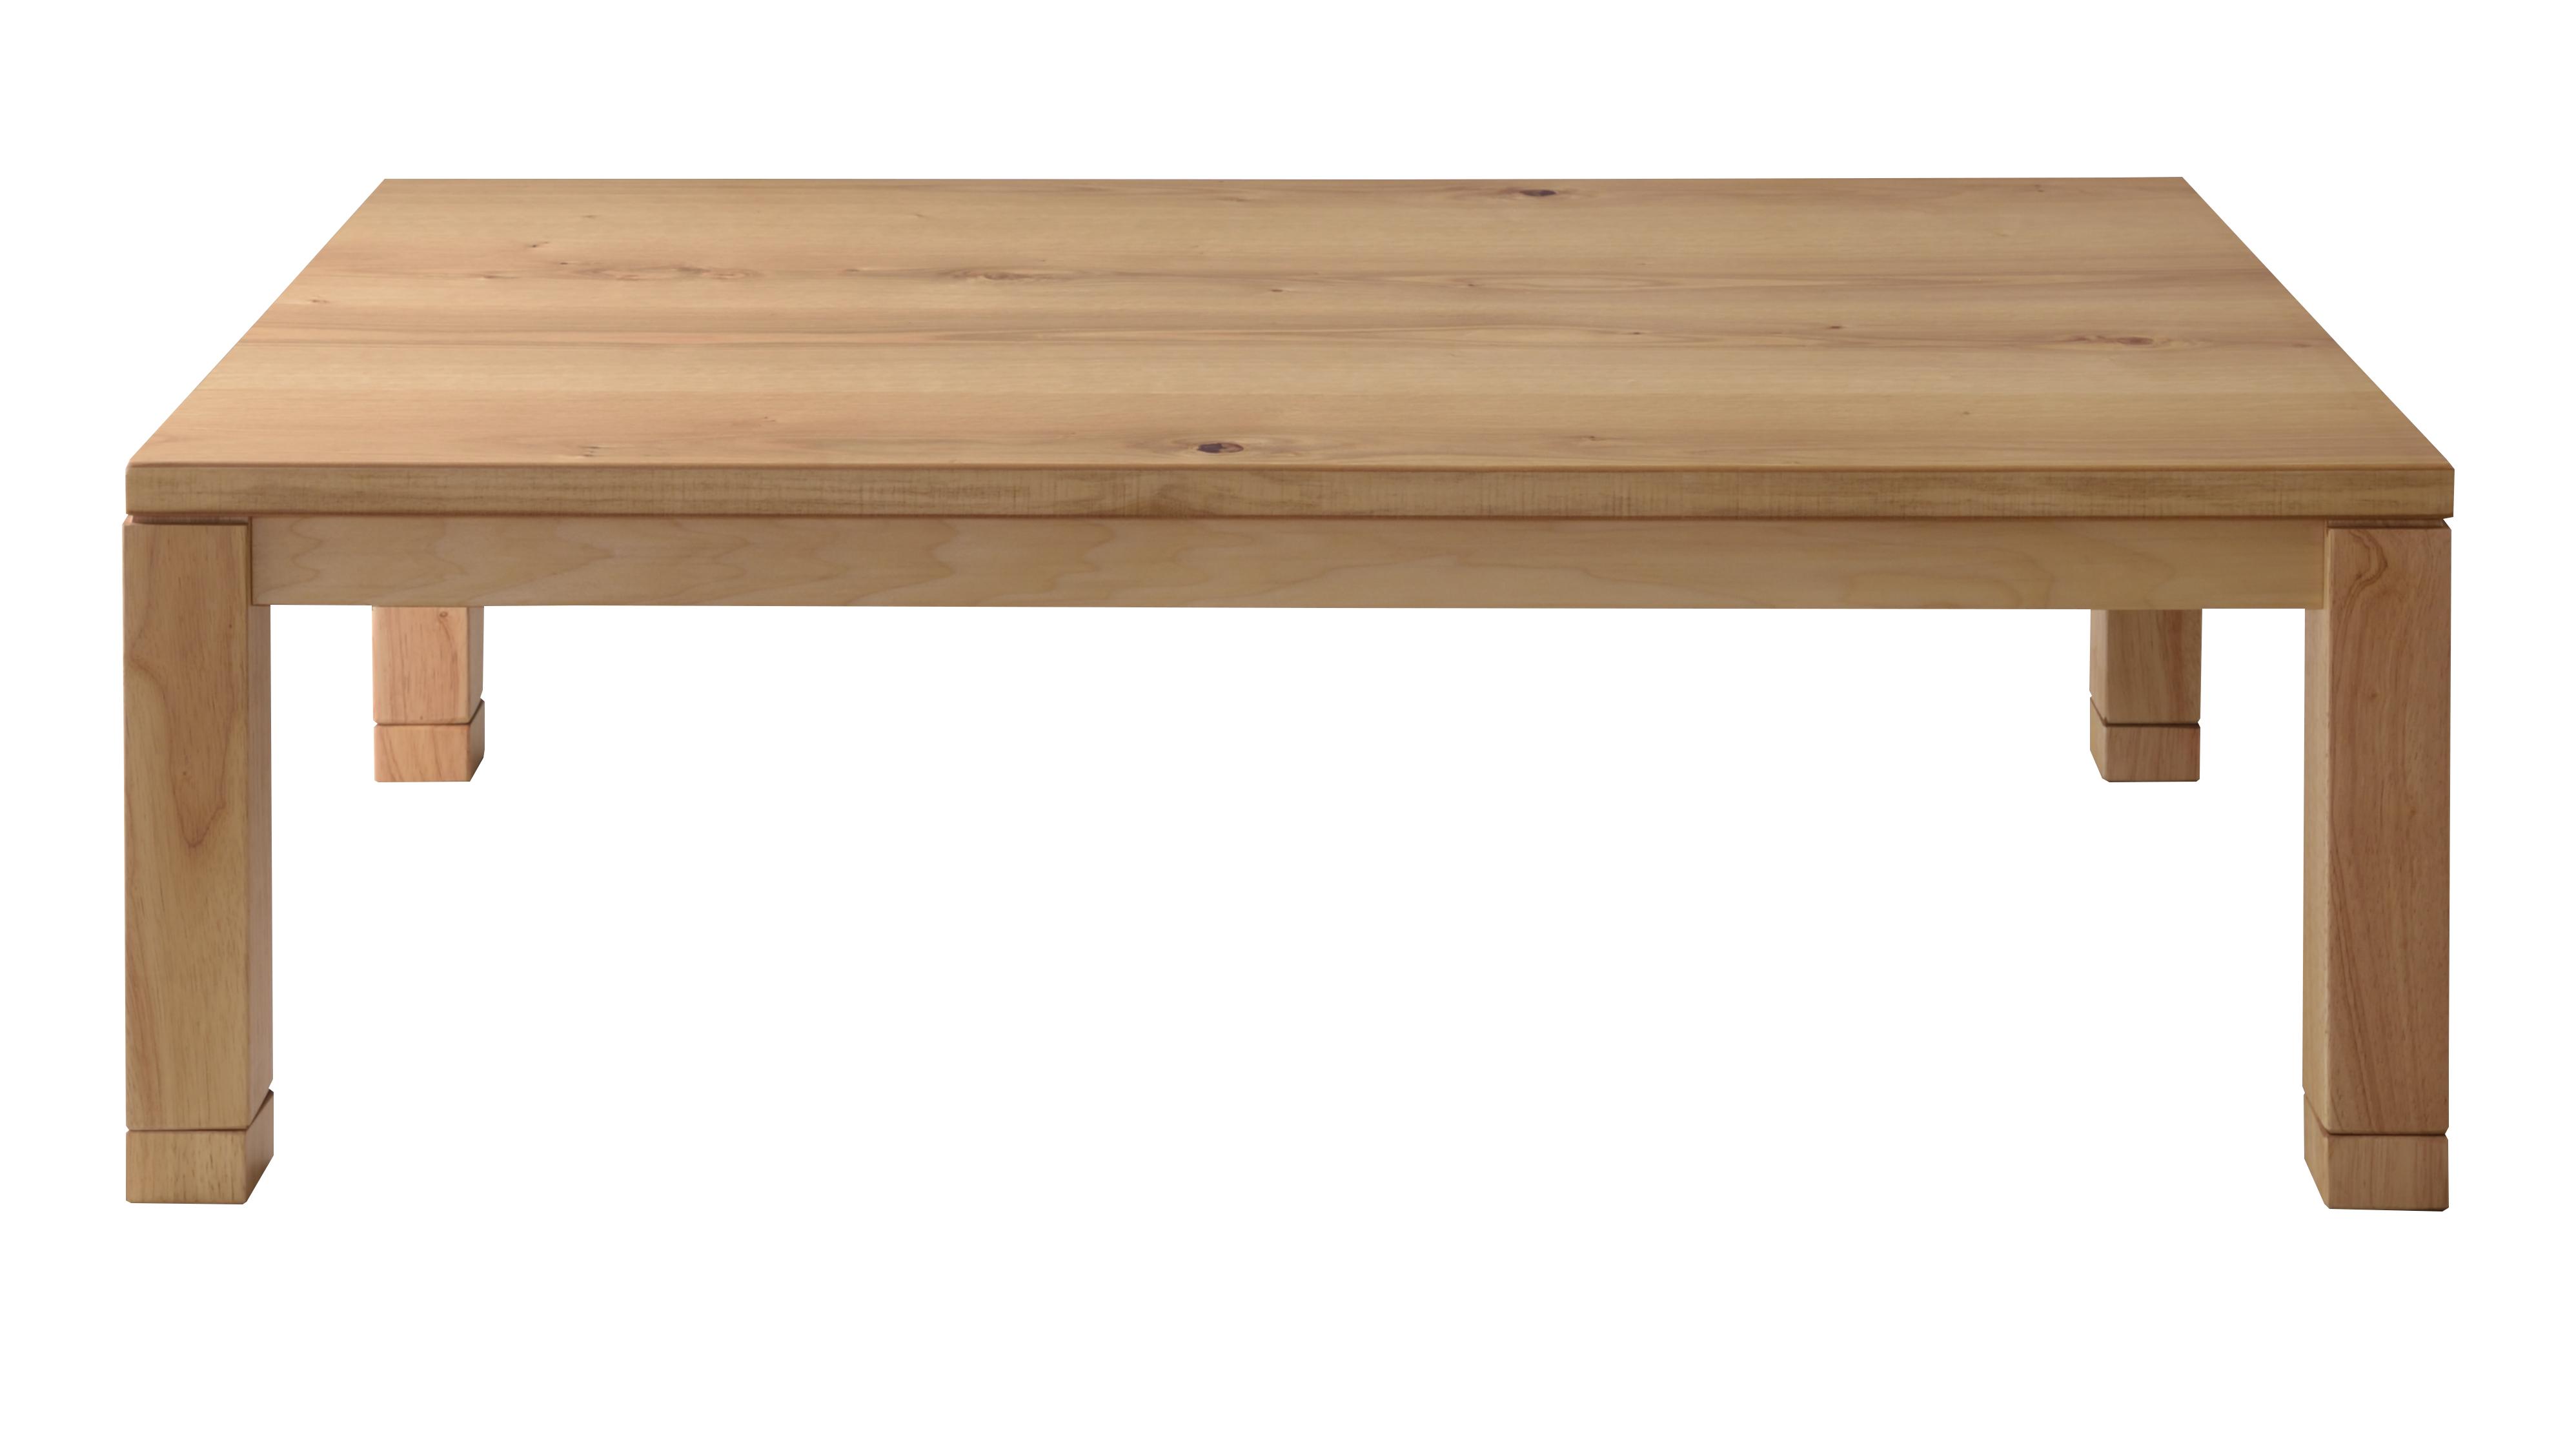 〈日本製〉Natural Wood KOTATSU / 無垢材コタツテーブル